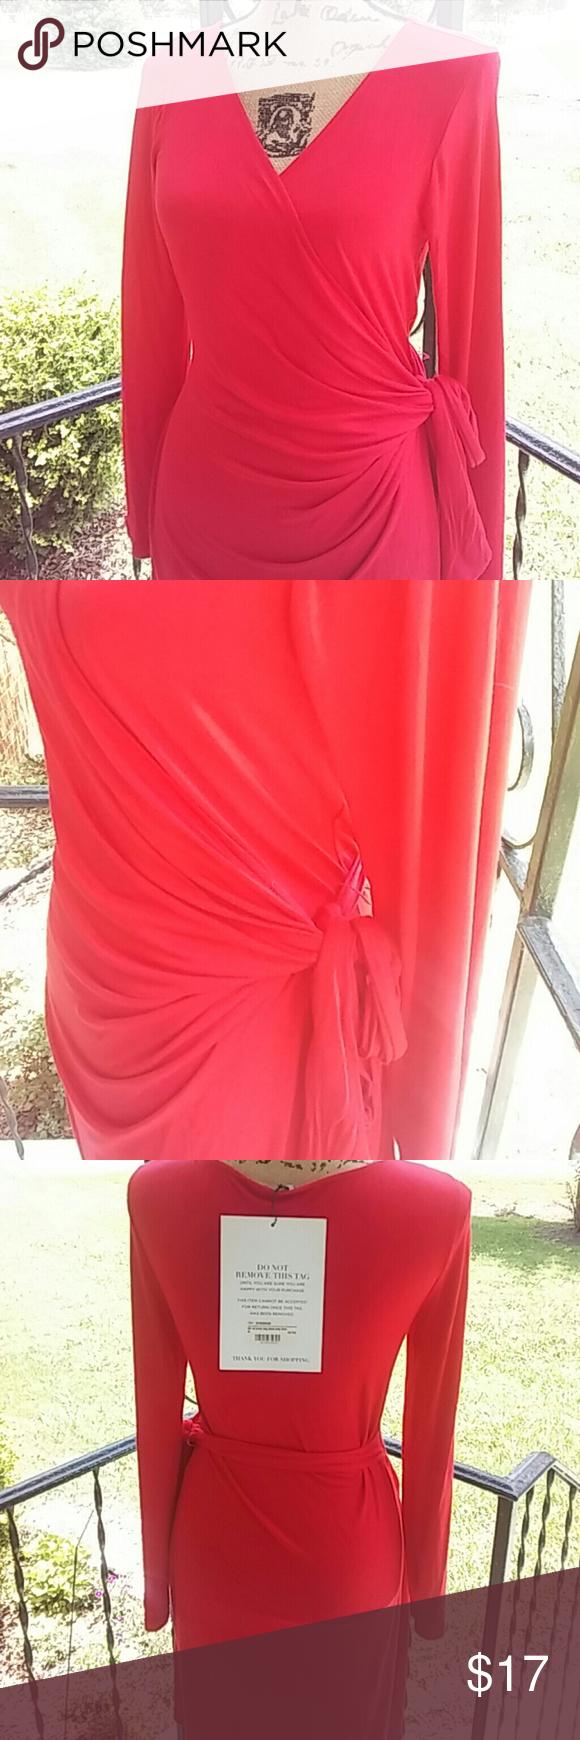 Nwt hayden wrap dress nwt